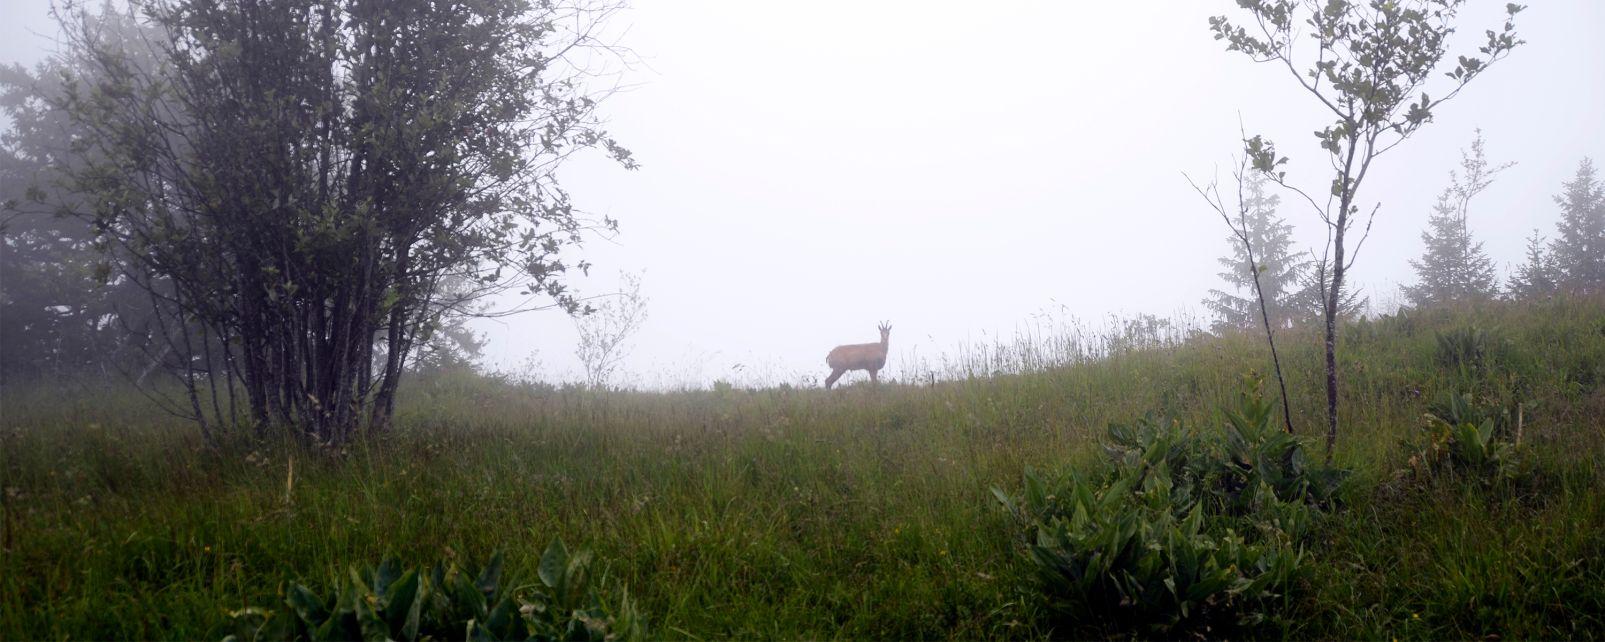 Los Oscos, The fauna and flora, Asturias